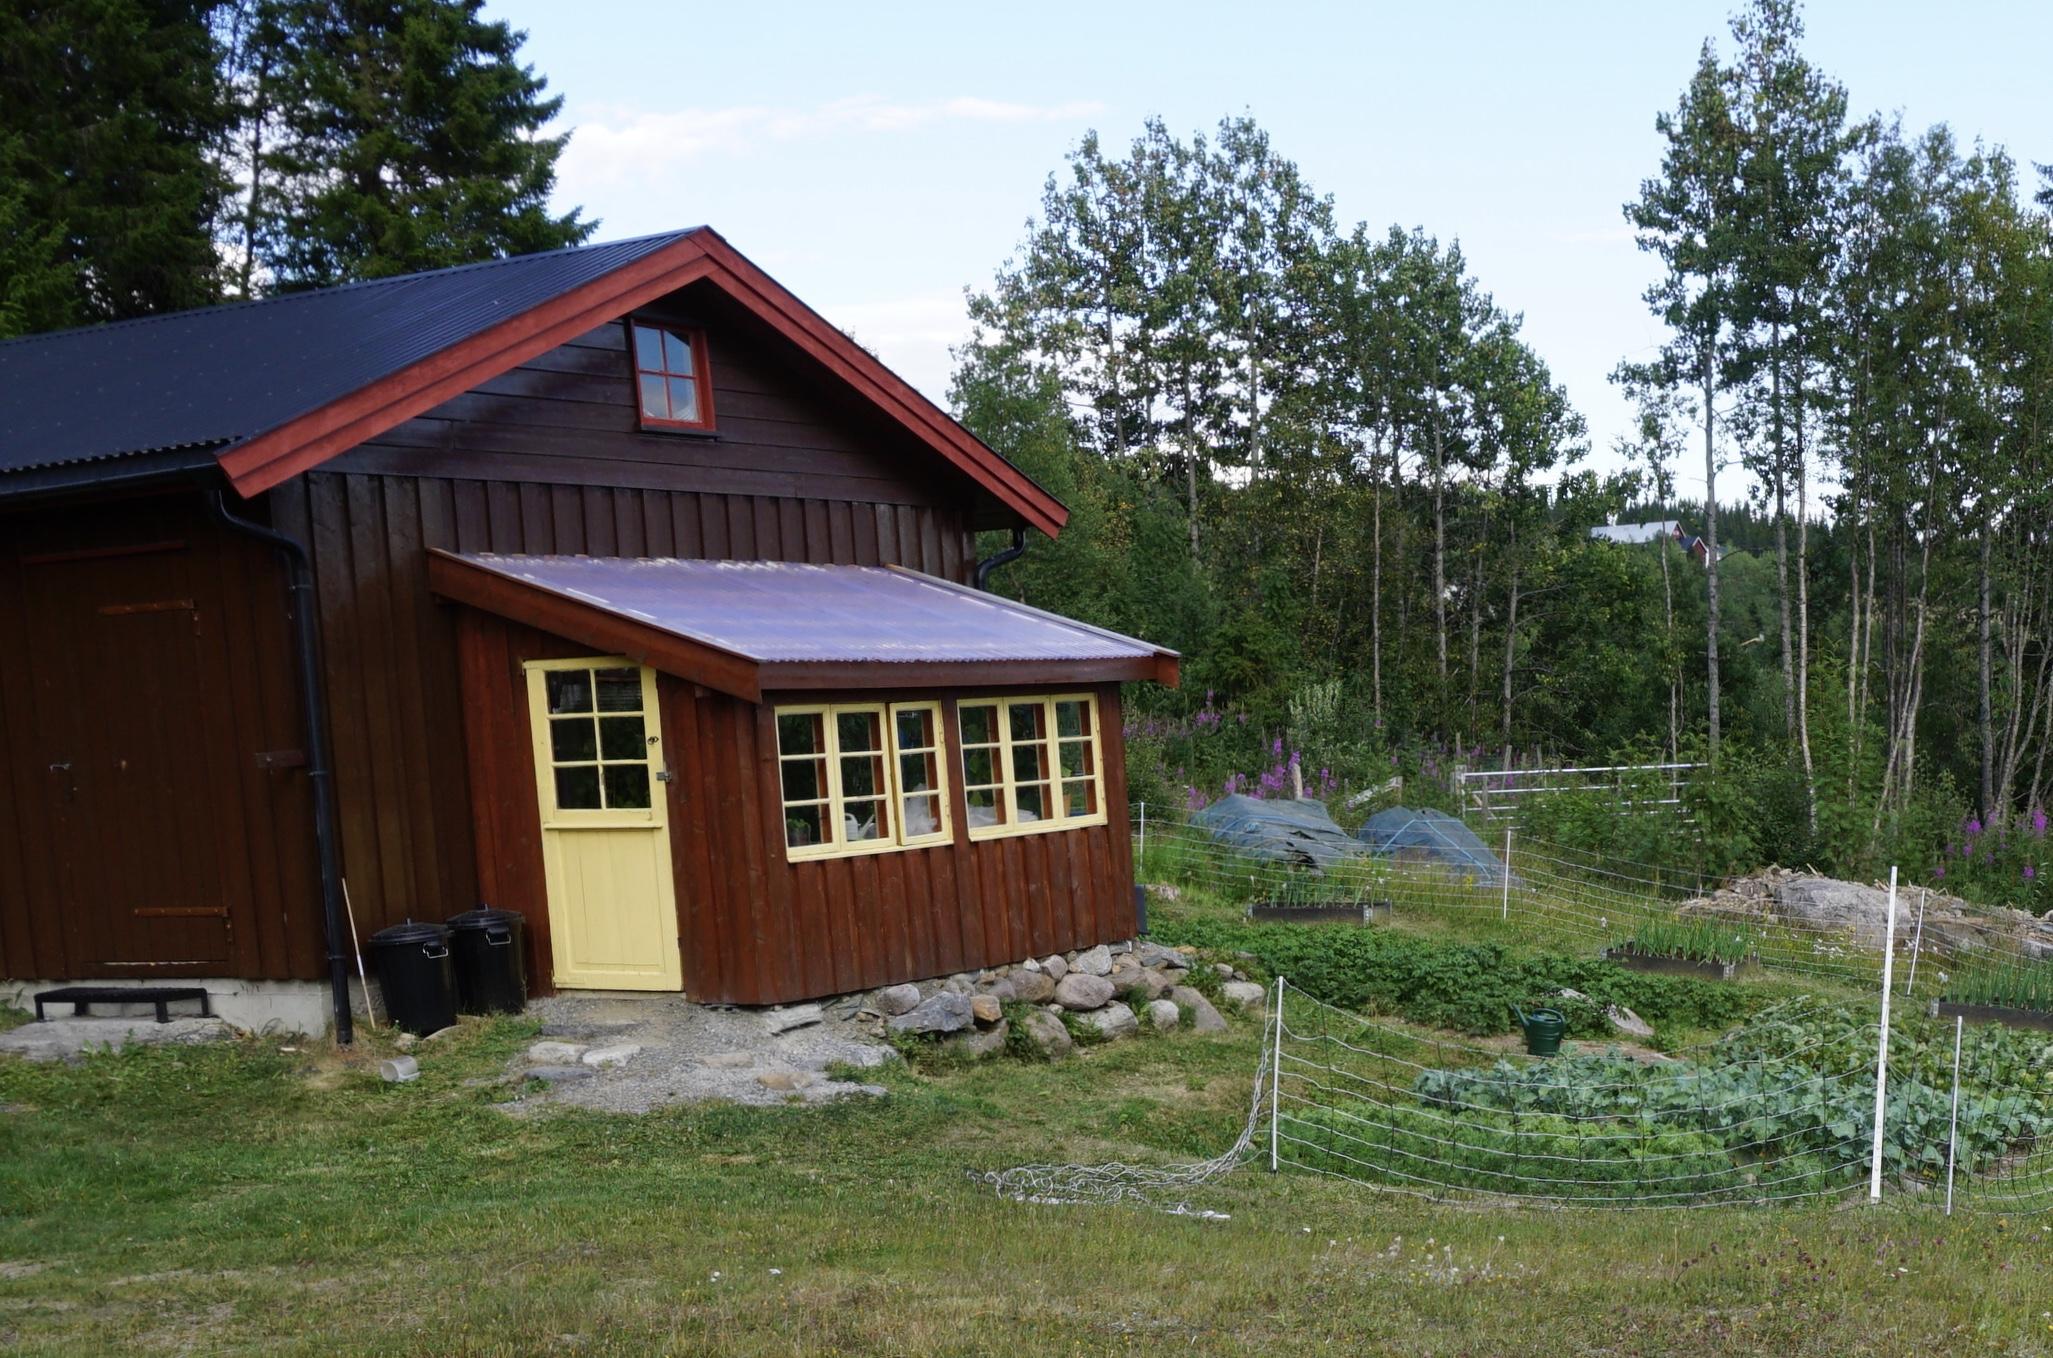 I Steinsett-bygda har Odd og Ågot Kvakestad bygd veksthus/dyrkingsrom av de gamle hyttevinduene. Taket er dekket med gjennomsiktige bølgeplast plater.